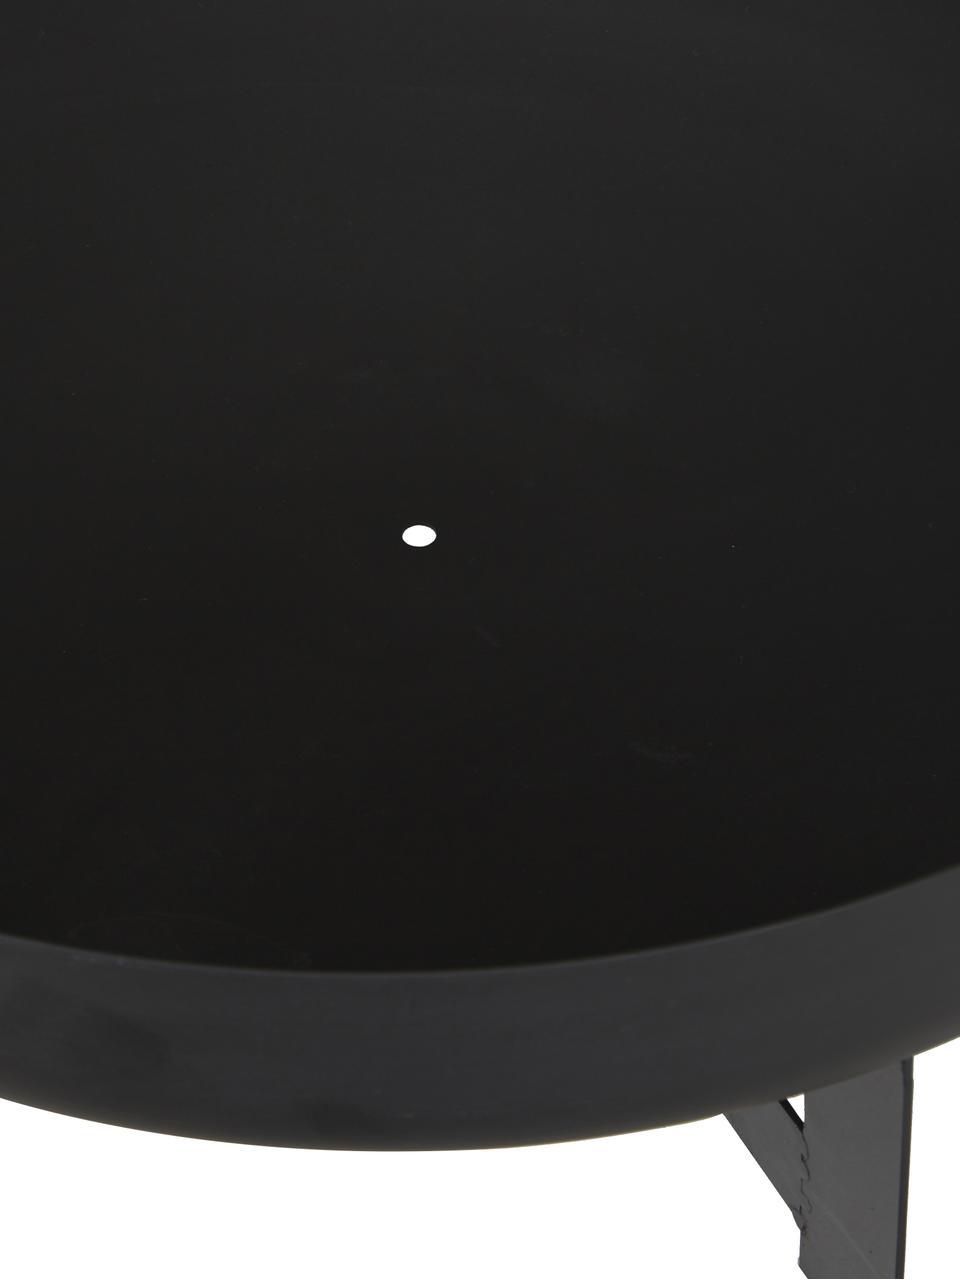 Palenisko Efesto, Stal malowana proszkowo, odporna na wysokie temperatury, Czarny, Ø 60 x W 24 cm